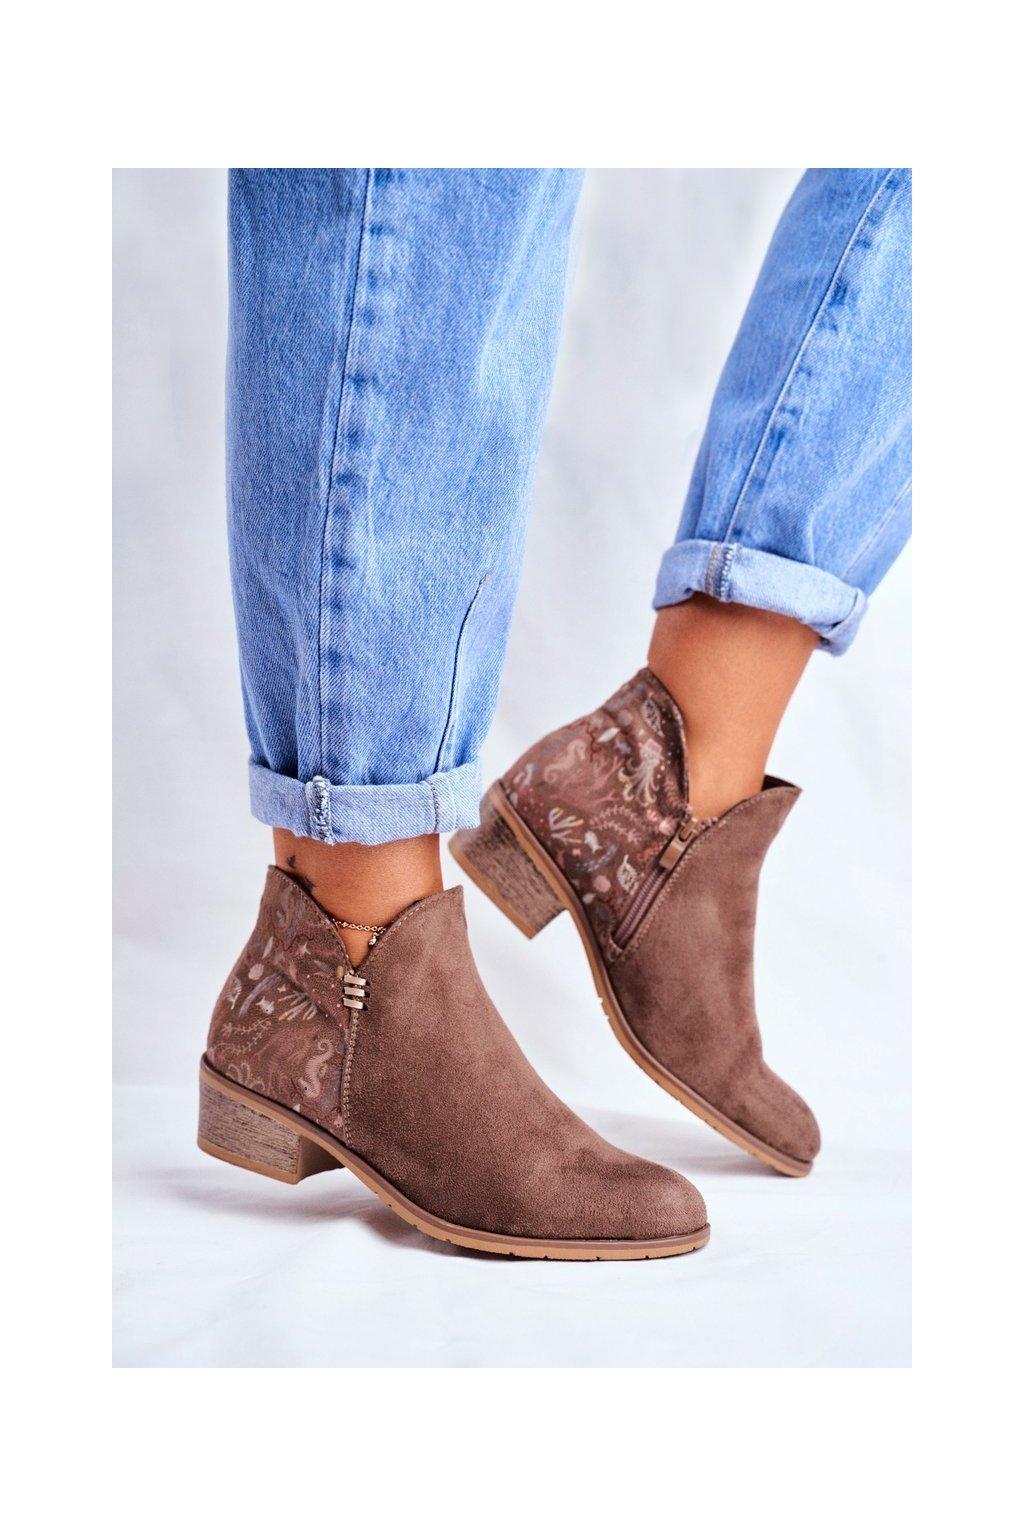 Dámske členkové topánky na nízkem podpatku jarné Hnedé Elizabeth